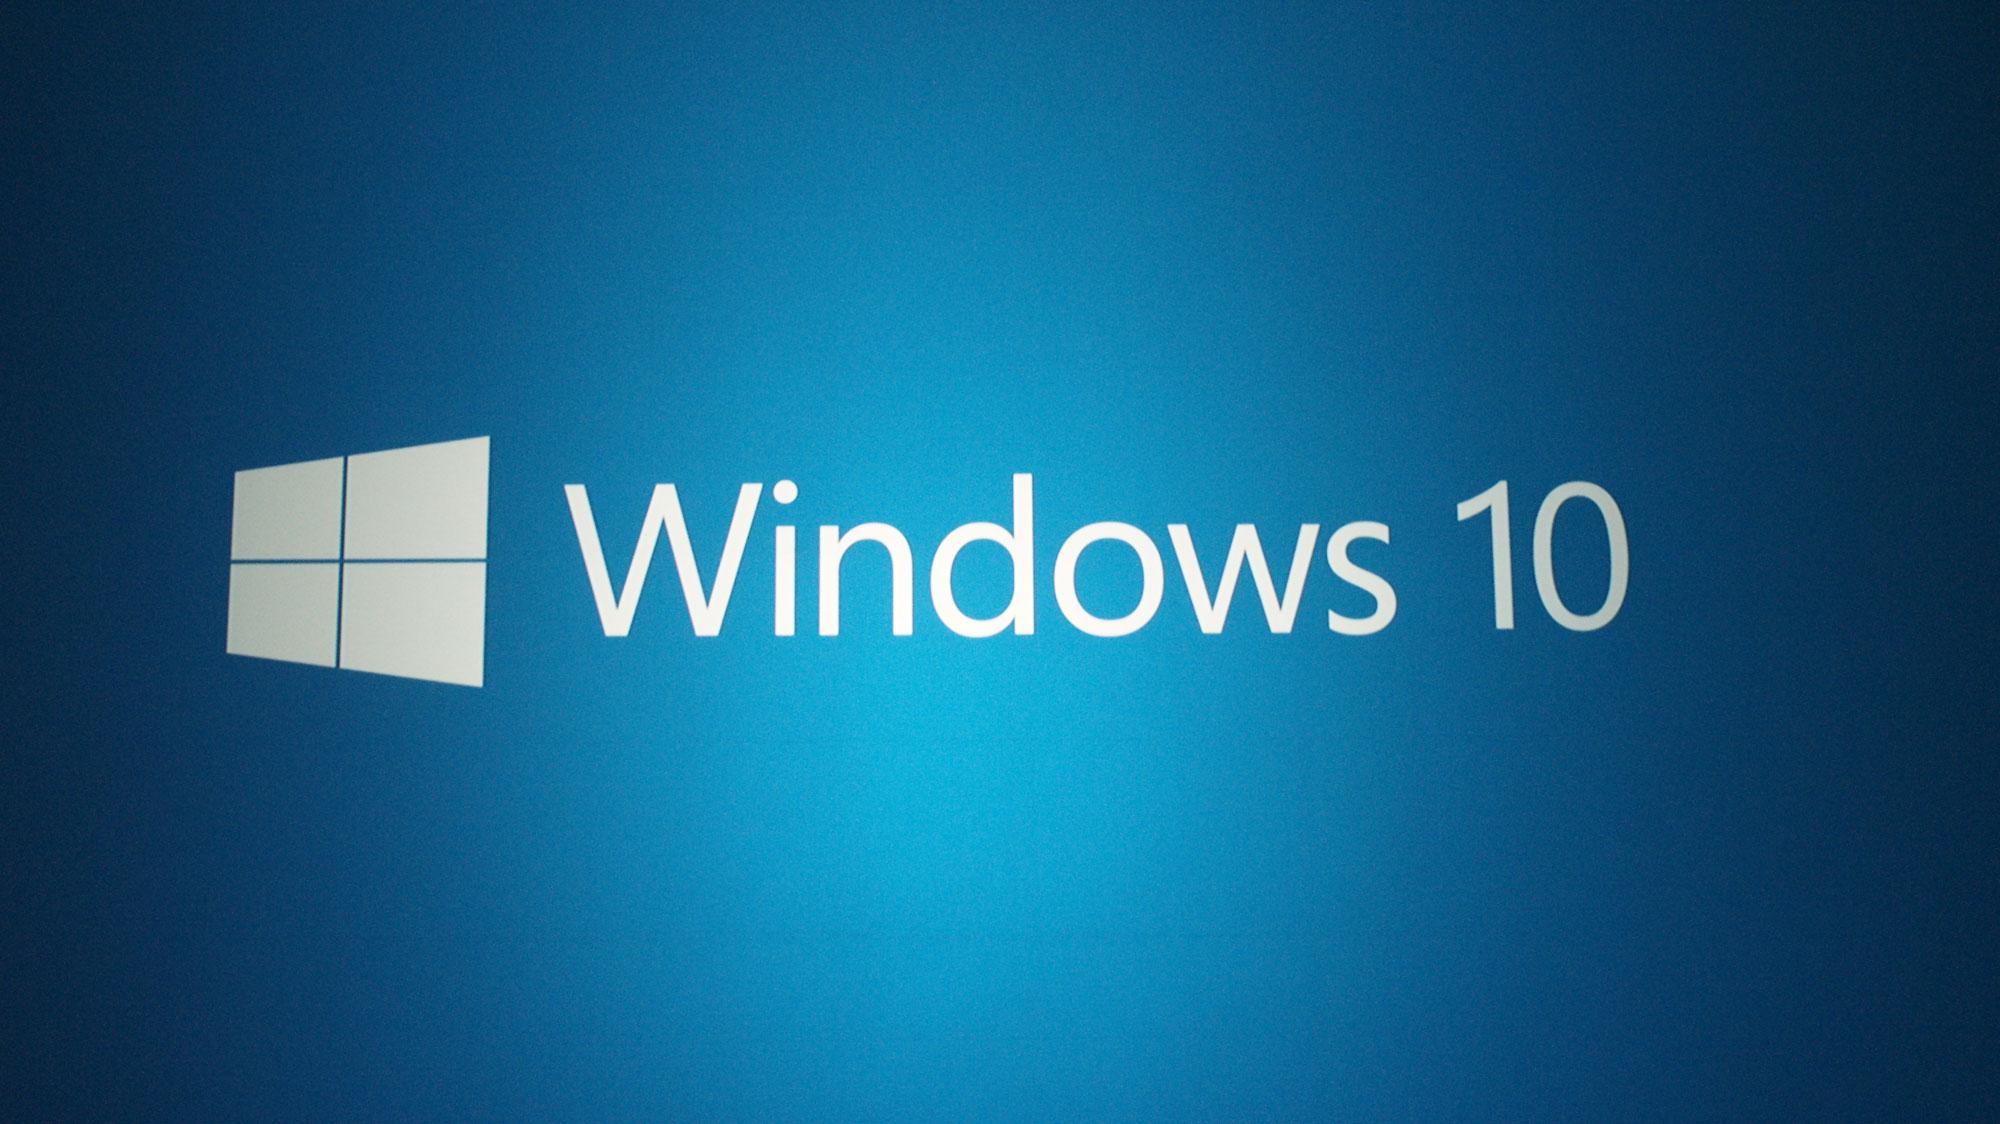 Les trois préversions de Windows 10 ont été téléchargées 1,5 million de fois